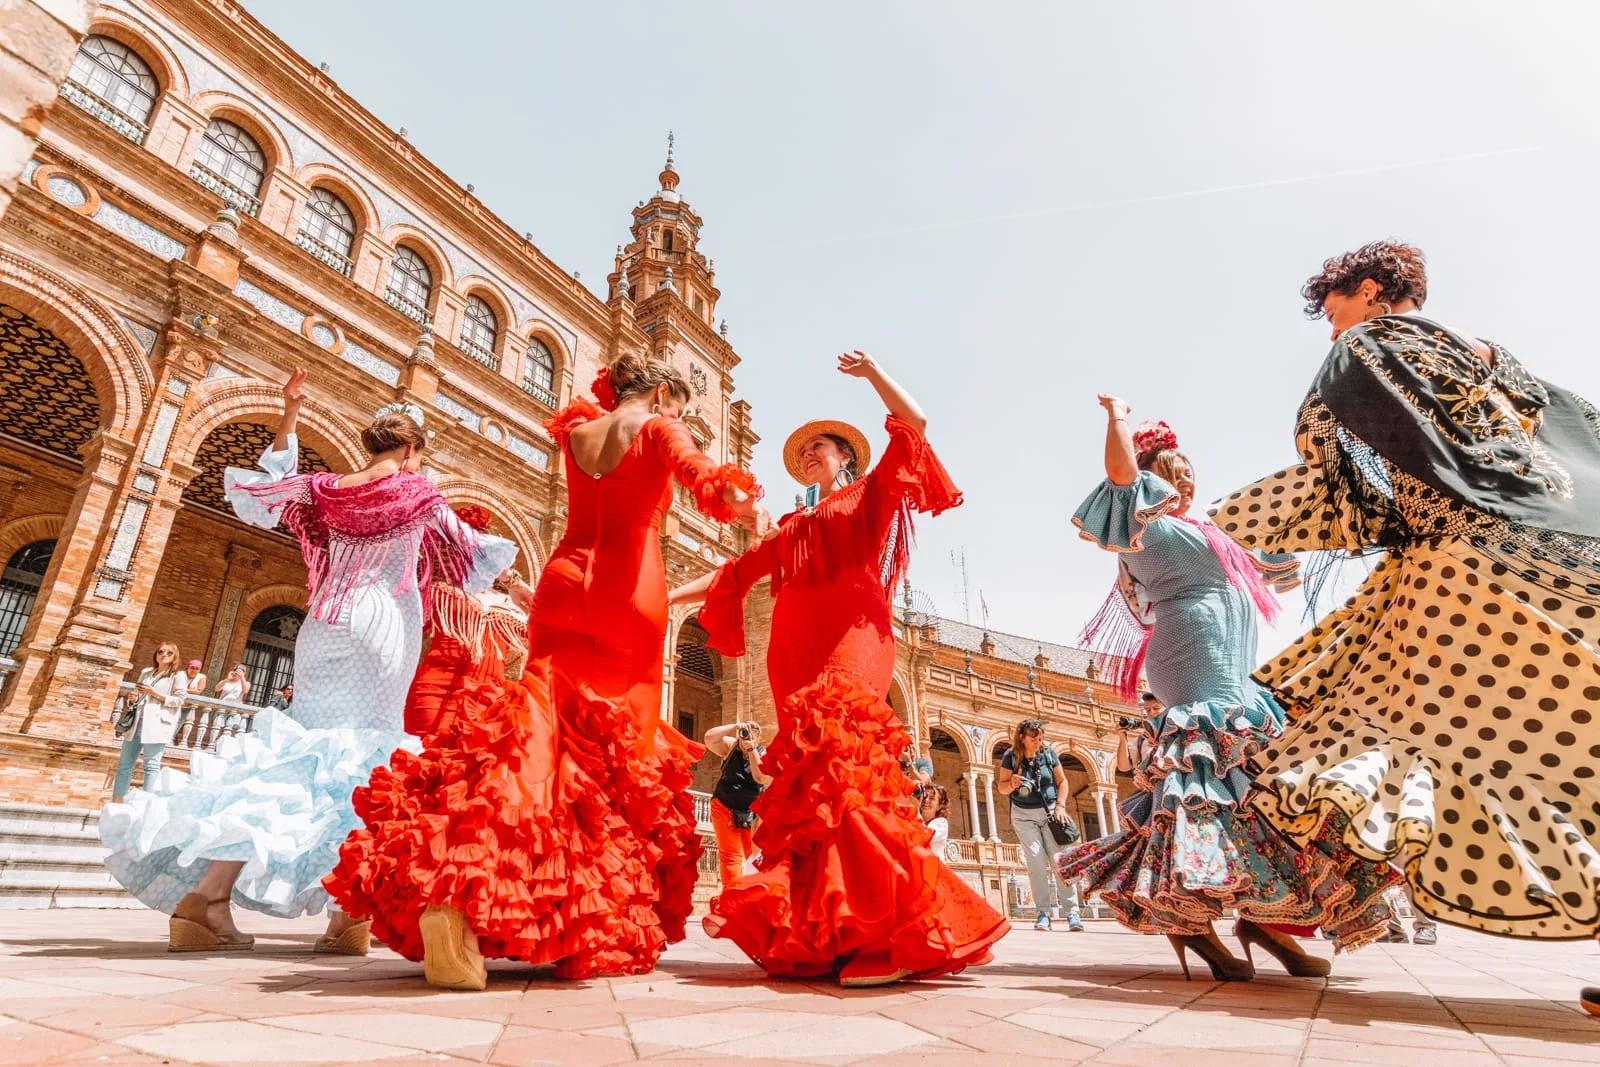 Фестиваль фламенко в Севилье